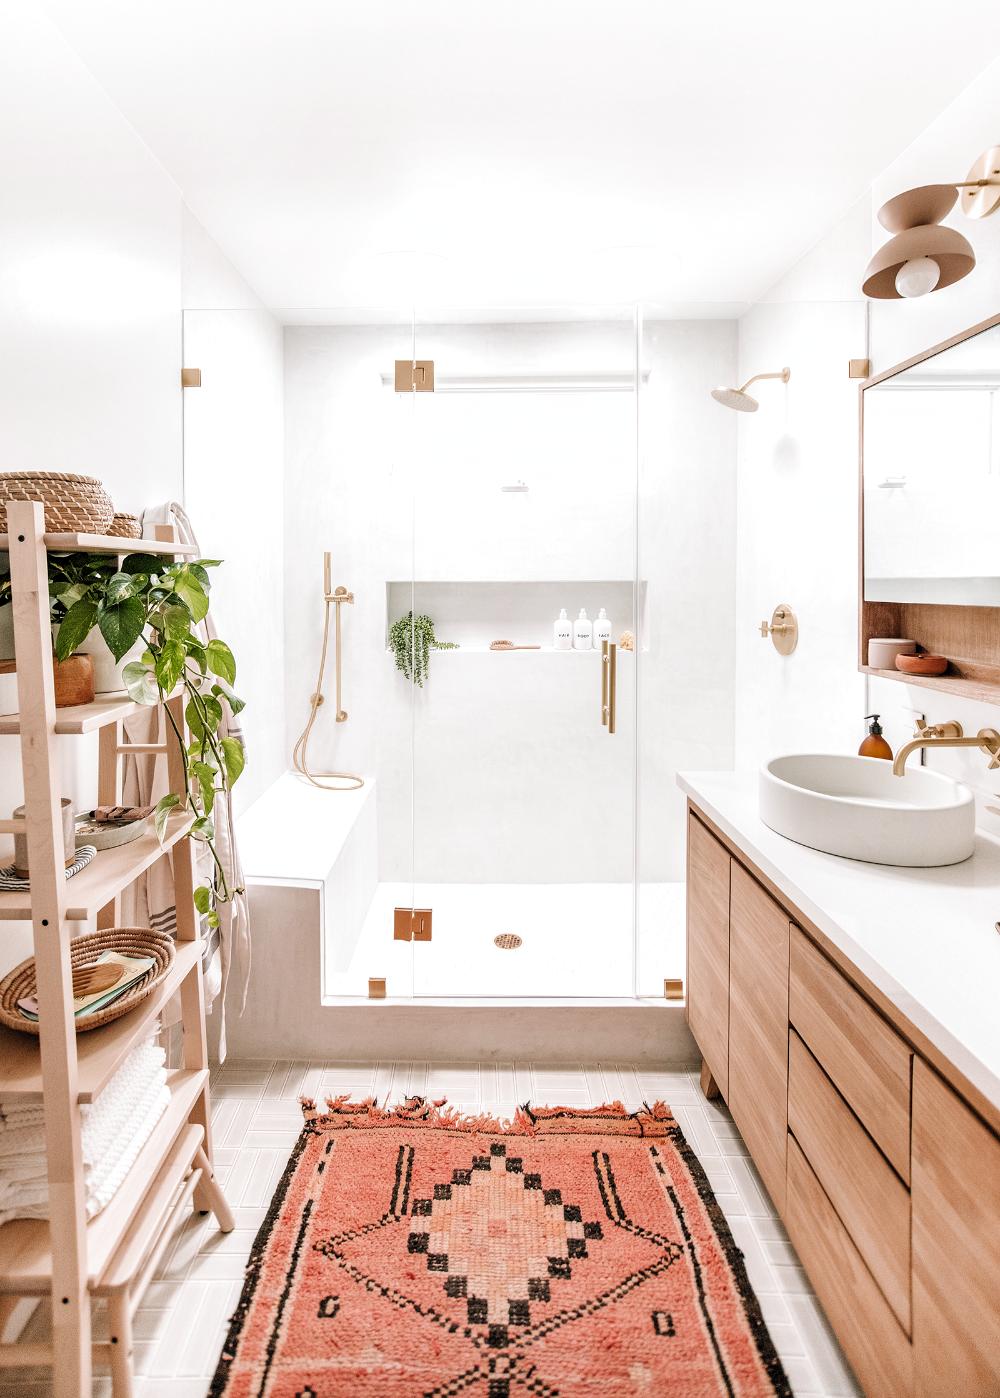 Our Master Bathroom The Reveal Almost Makes Perfect In 2020 Wohnung Badezimmer Dekoration Badezimmer Dekor Haus Deko